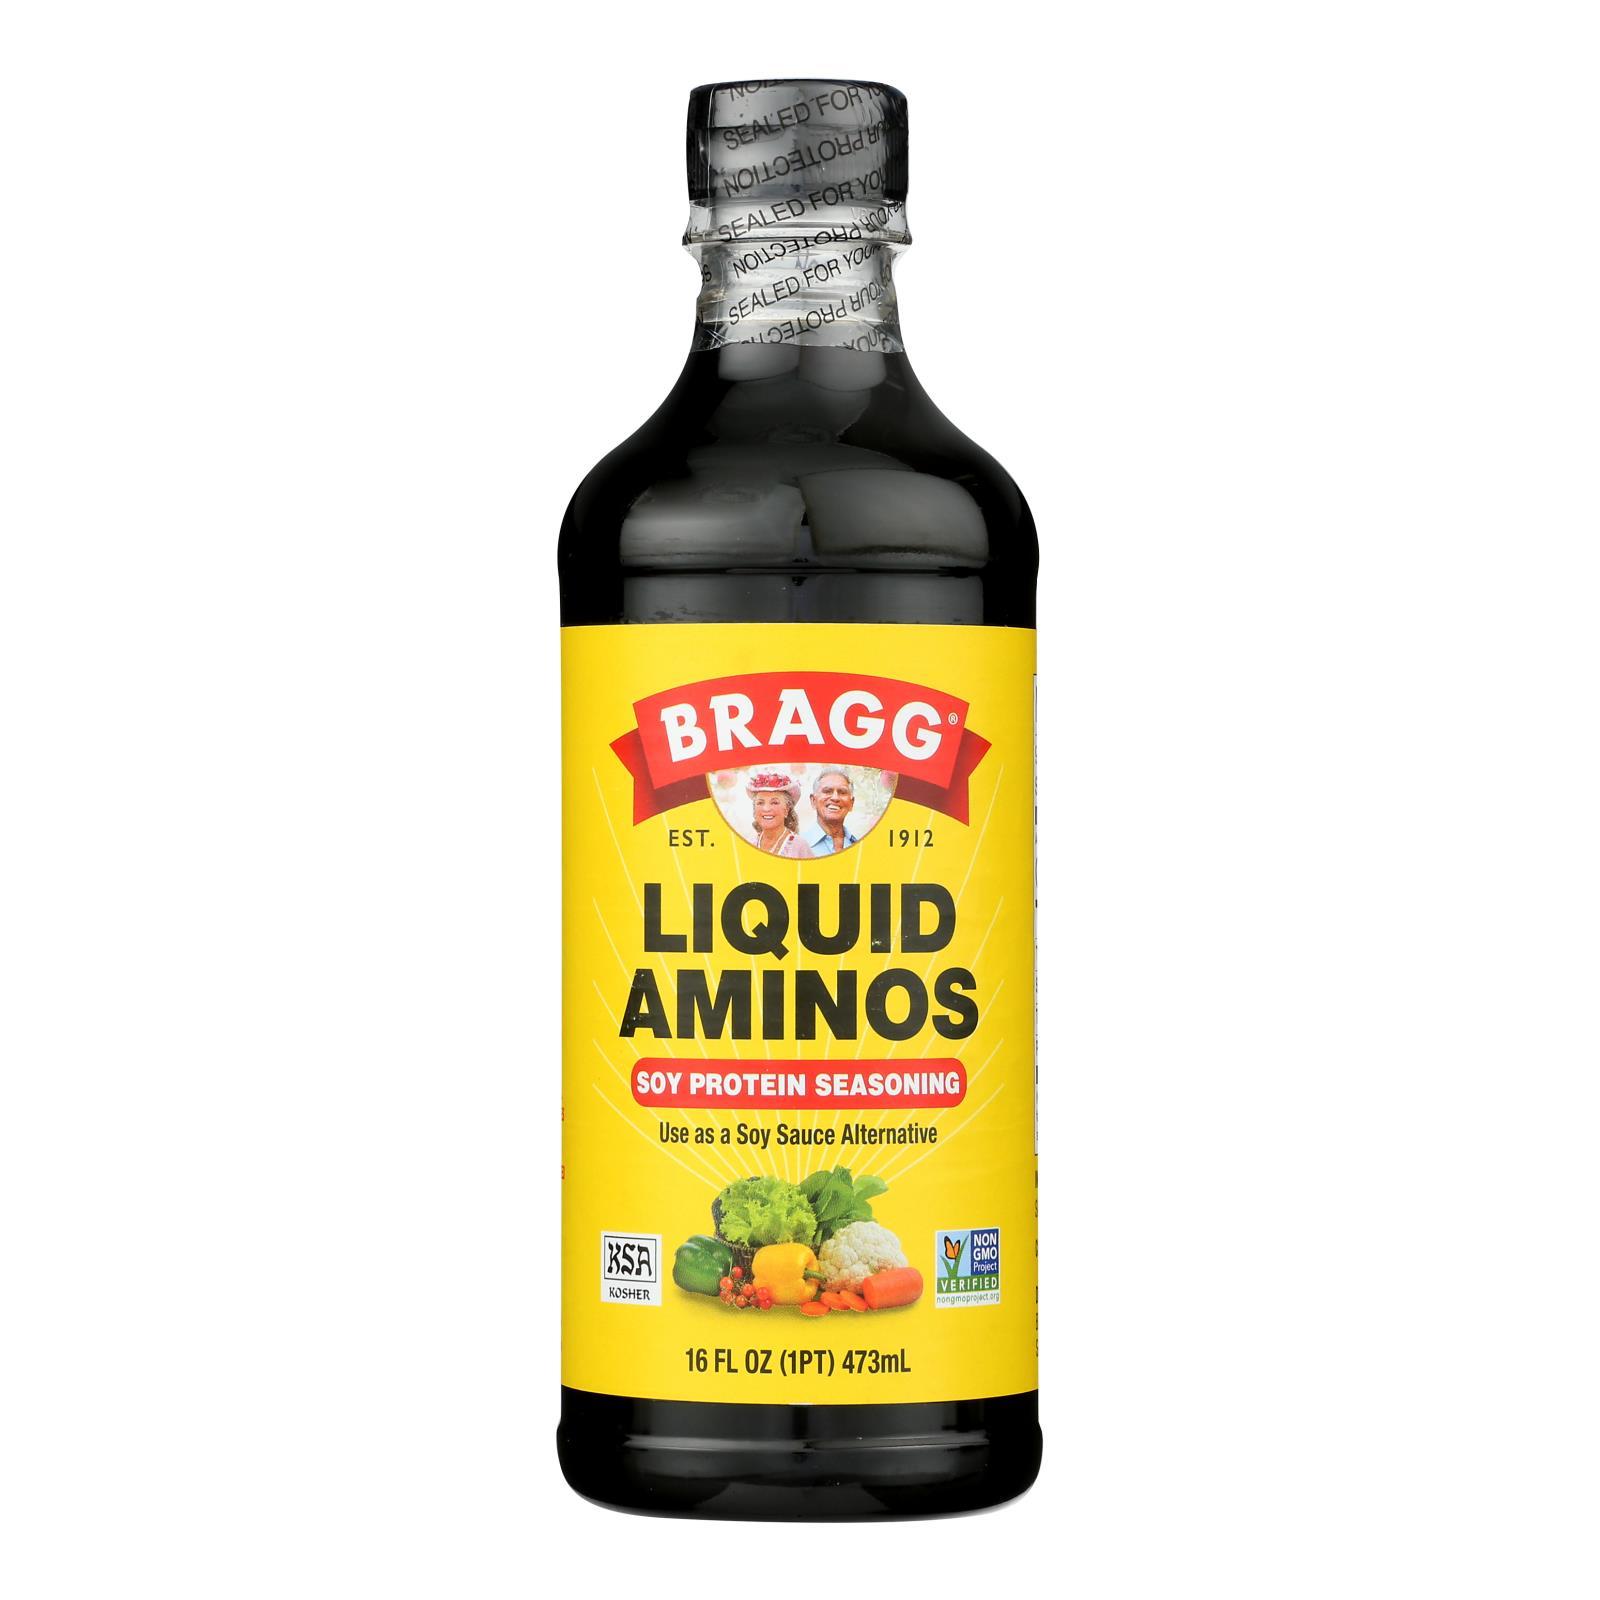 Bragg - Liquid Aminos - 16 oz - case of 12